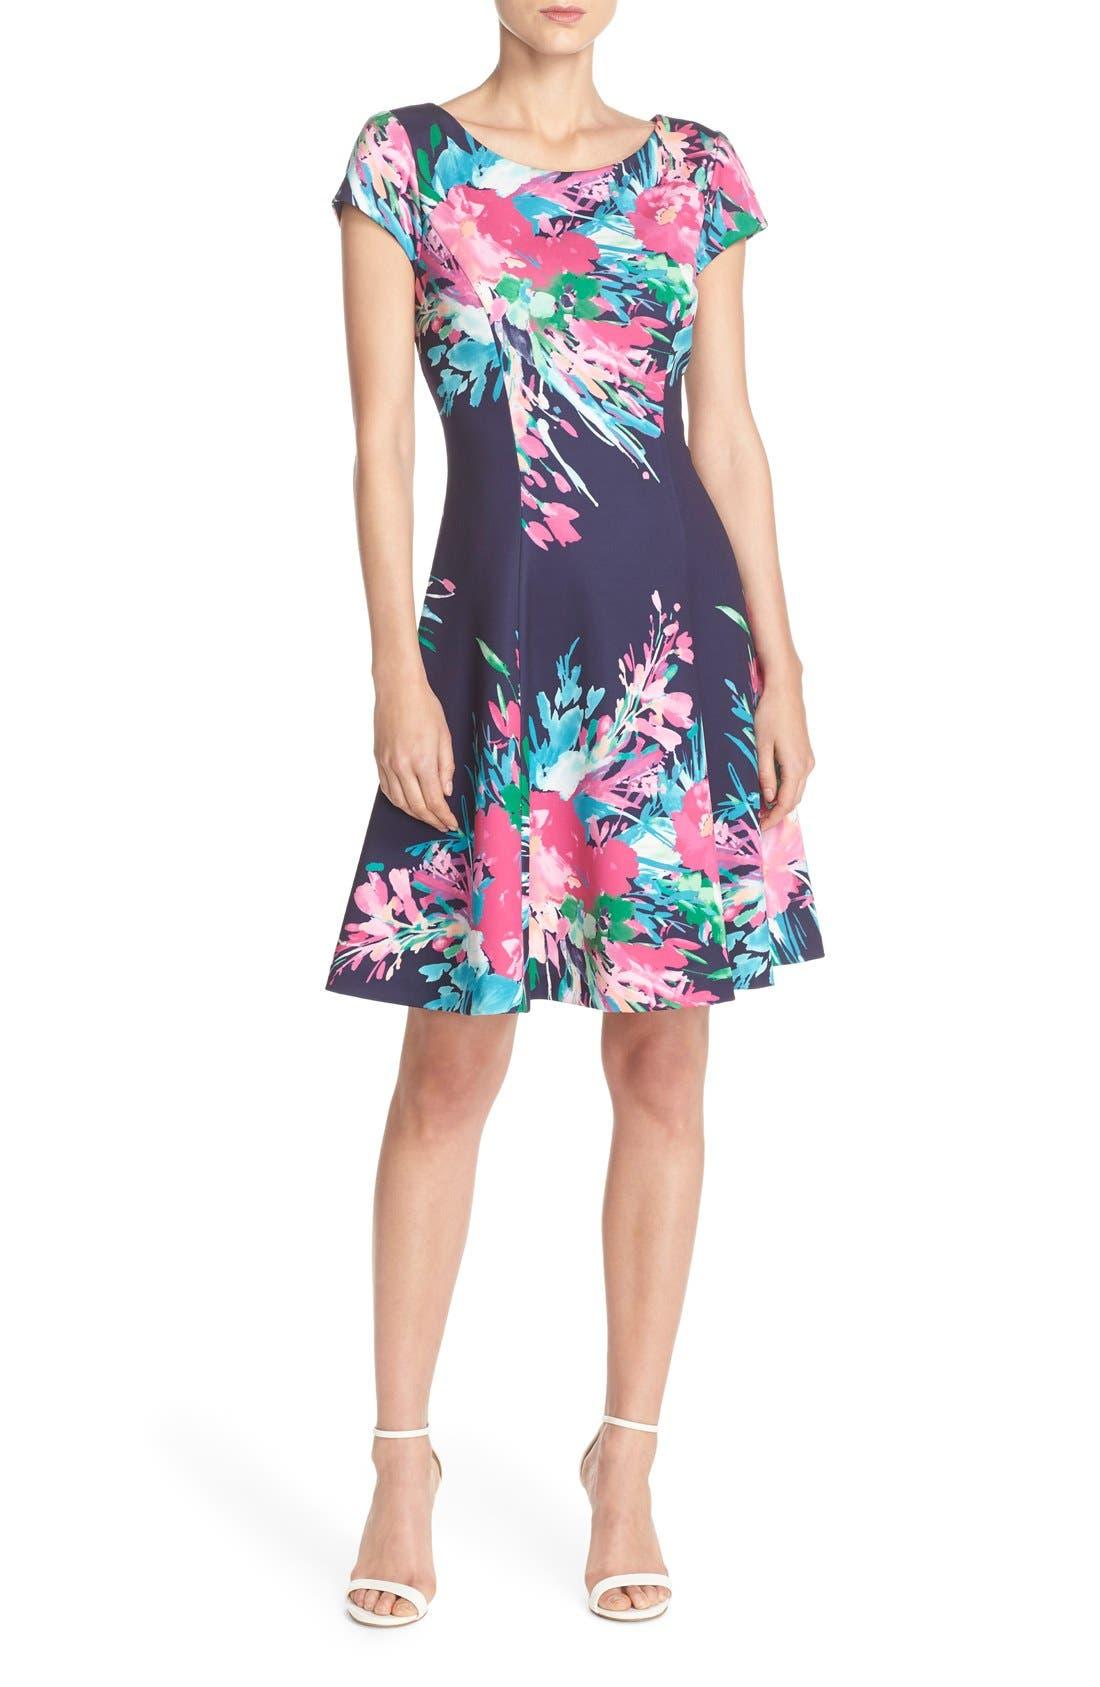 ELIZA J, Floral Print Scuba Fit & Flare Dress, Alternate thumbnail 5, color, 470